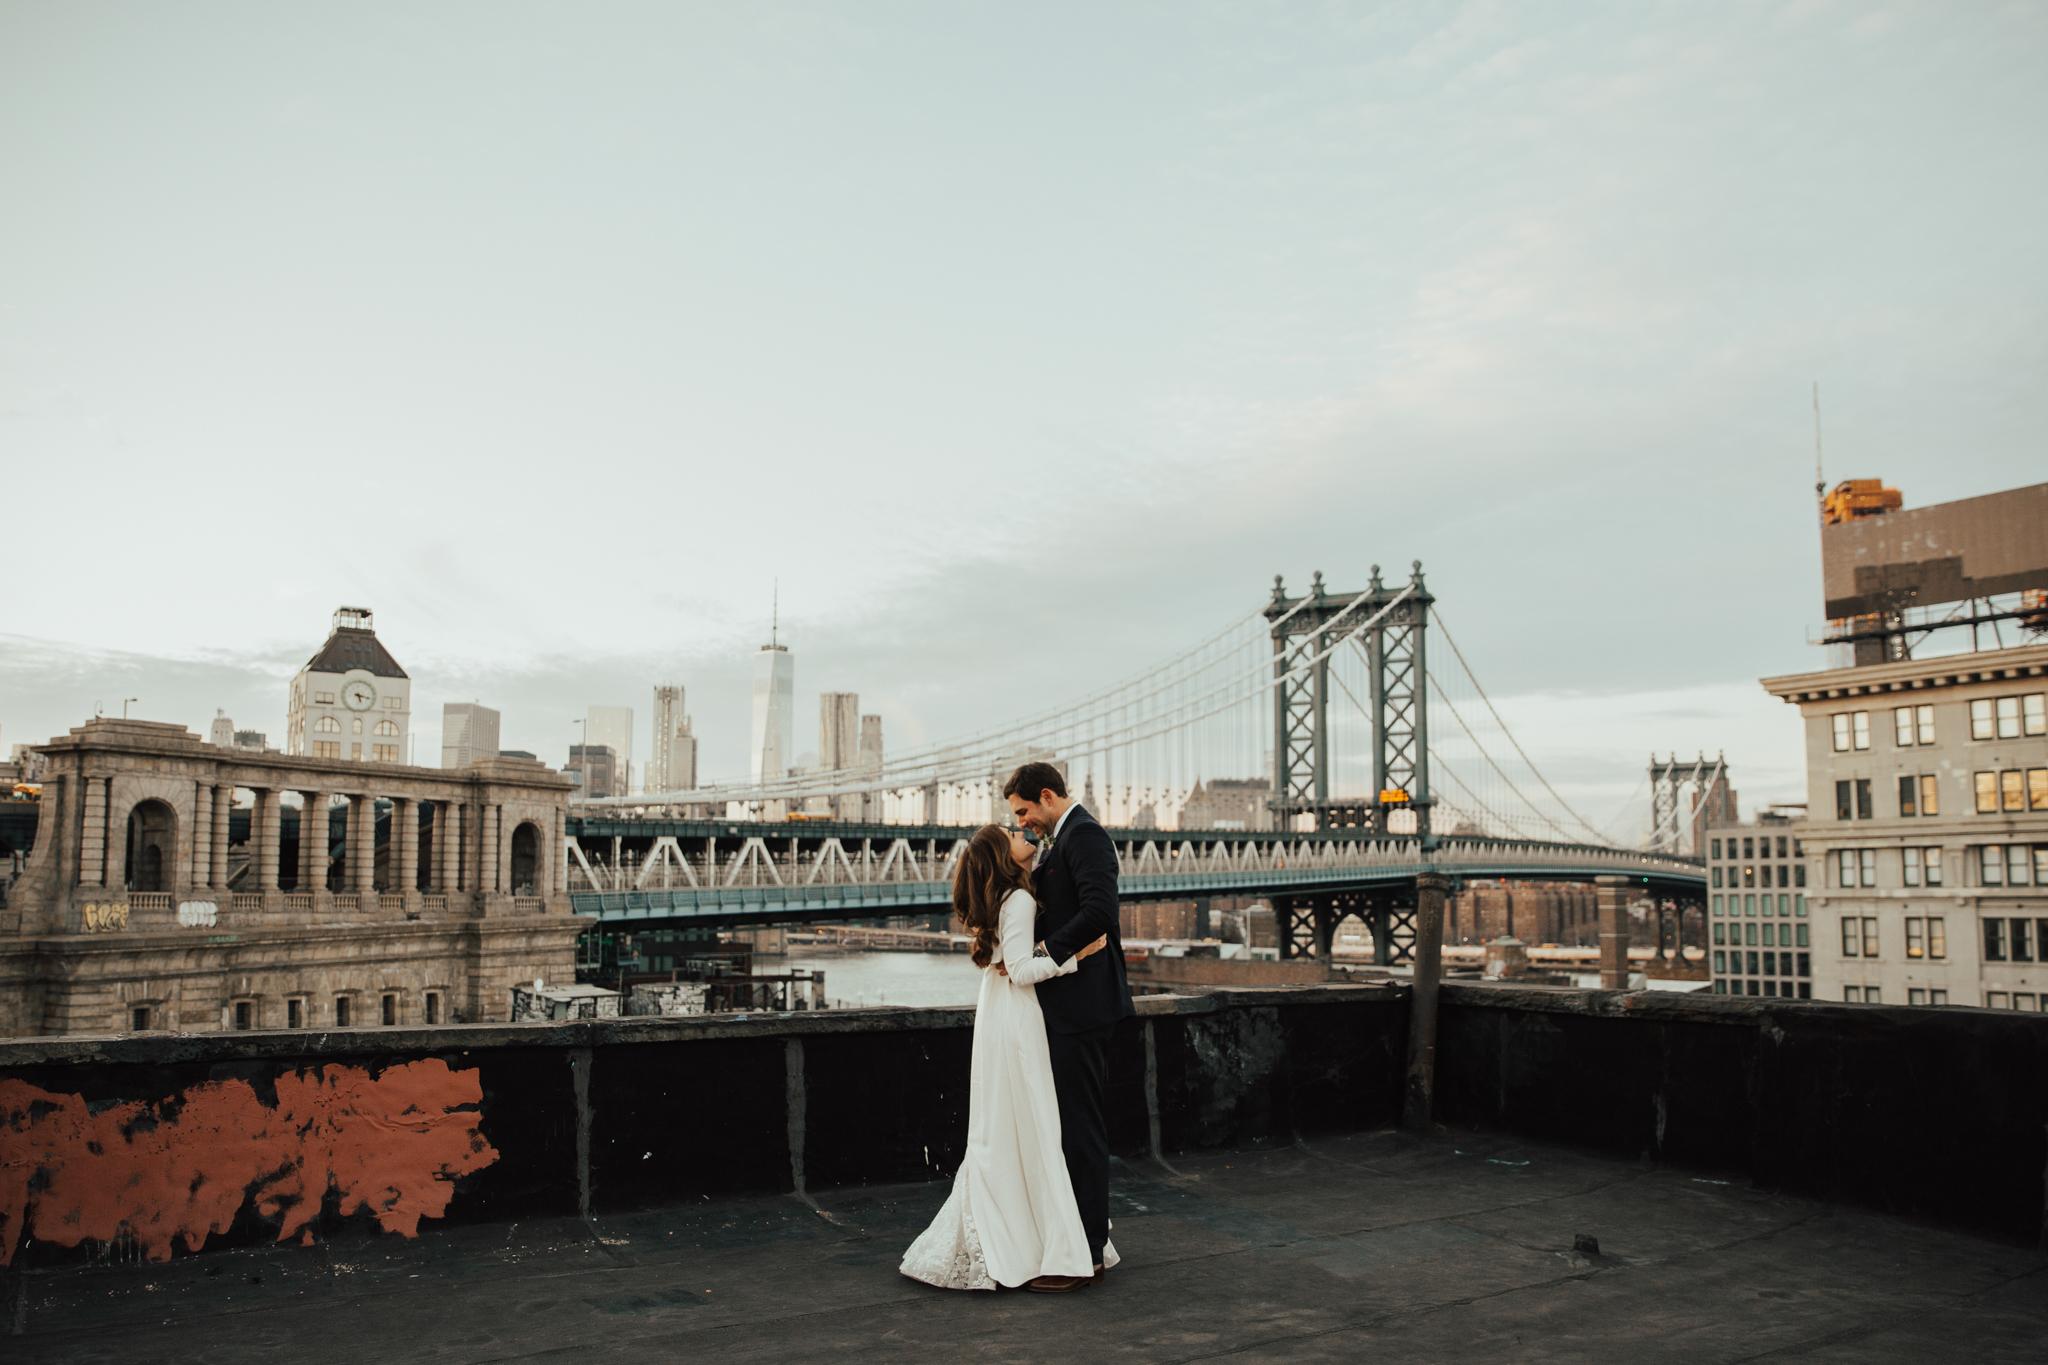 candid nyc wedding photography